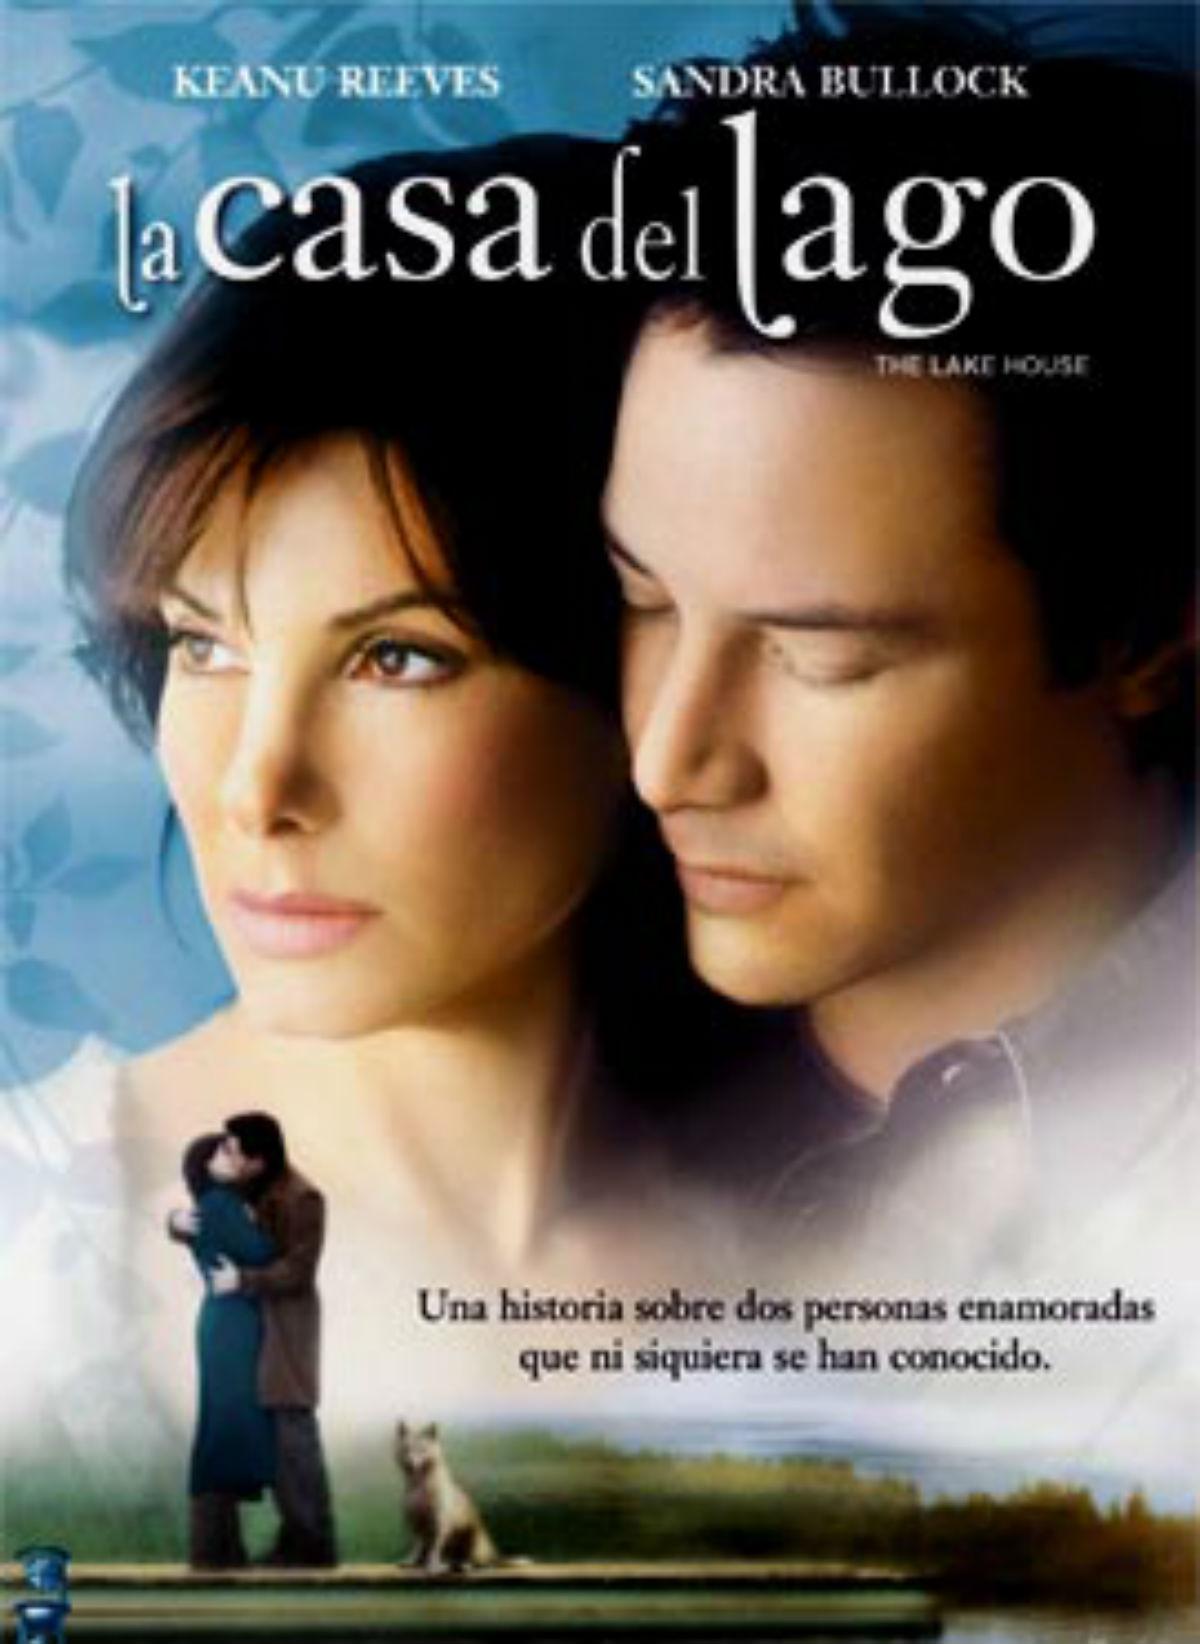 La casa del lago - Película 2006 - SensaCine.com